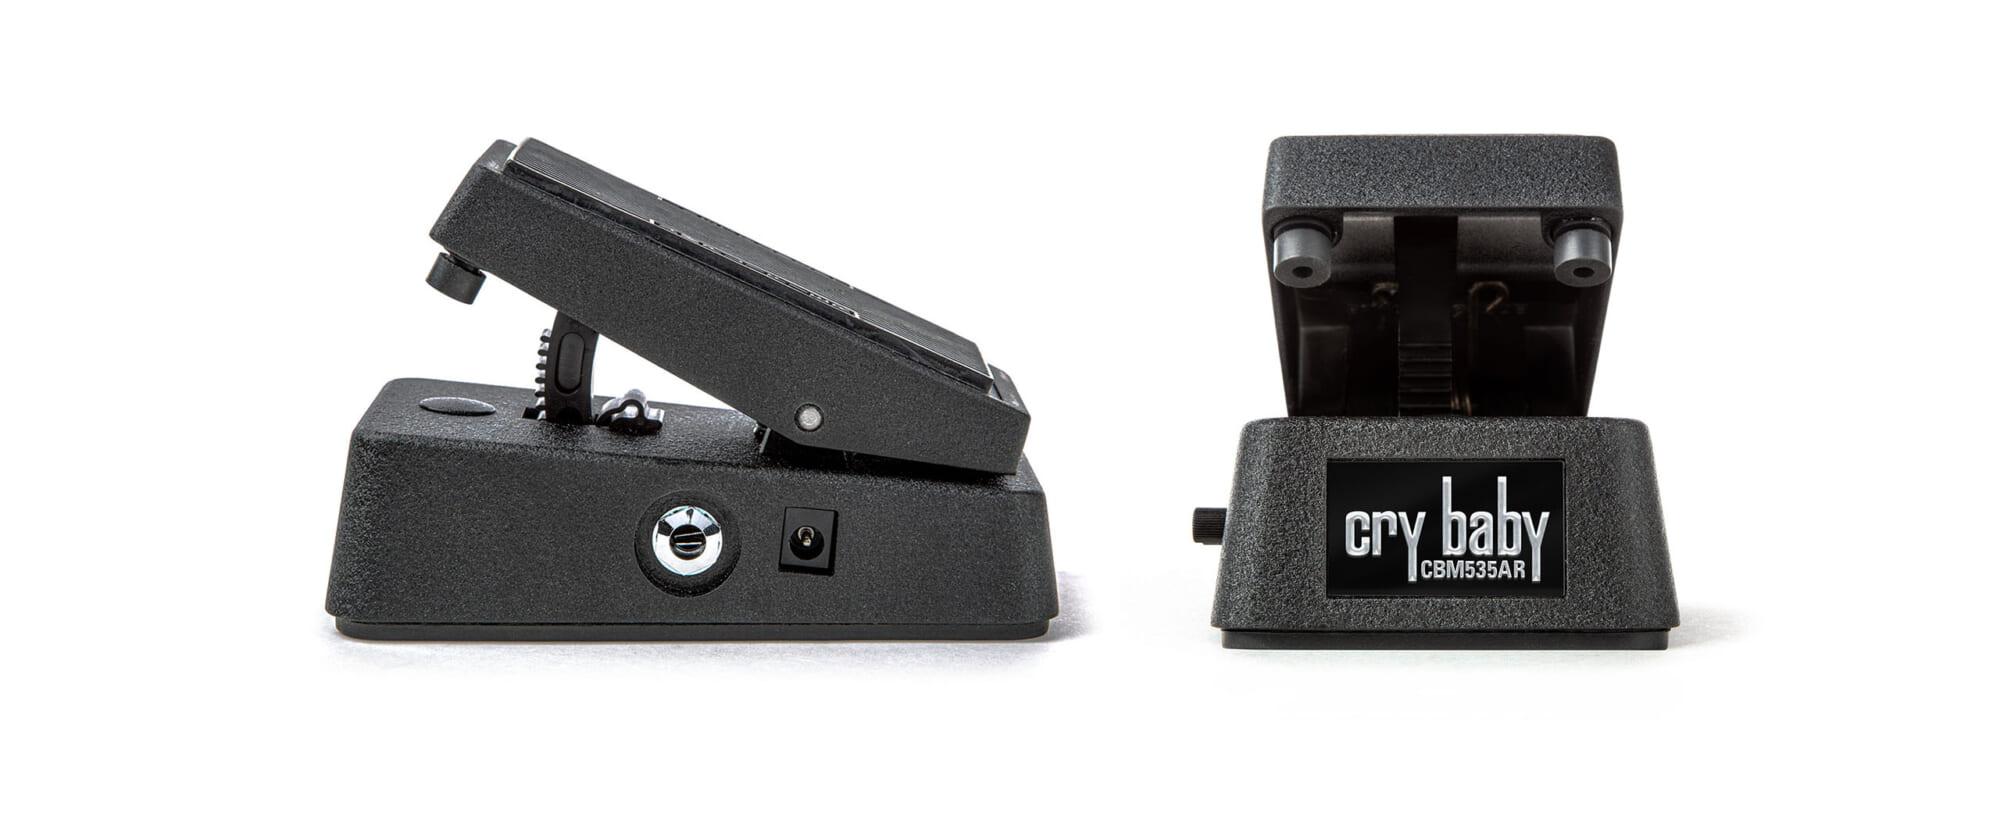 オート・リターン機構を備えたJim Dunlopの小型クライベイビー